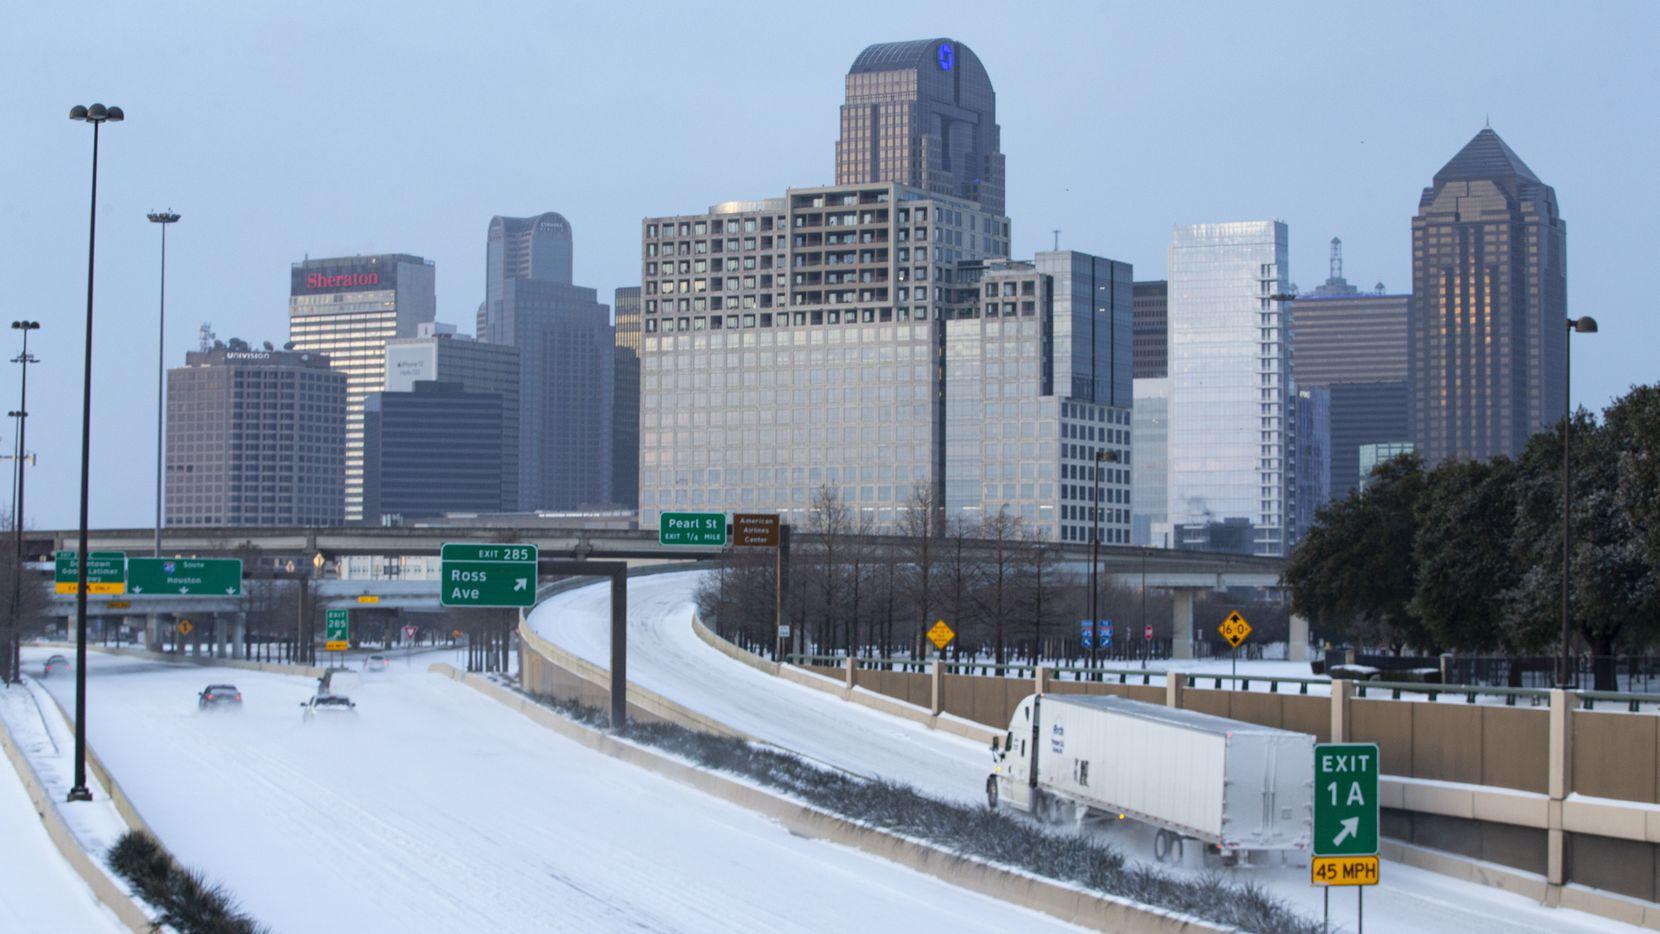 Dallas y otras ciudades del Norte de Texas cancelaron clases luego de una nevada histórica y recortes de energía.